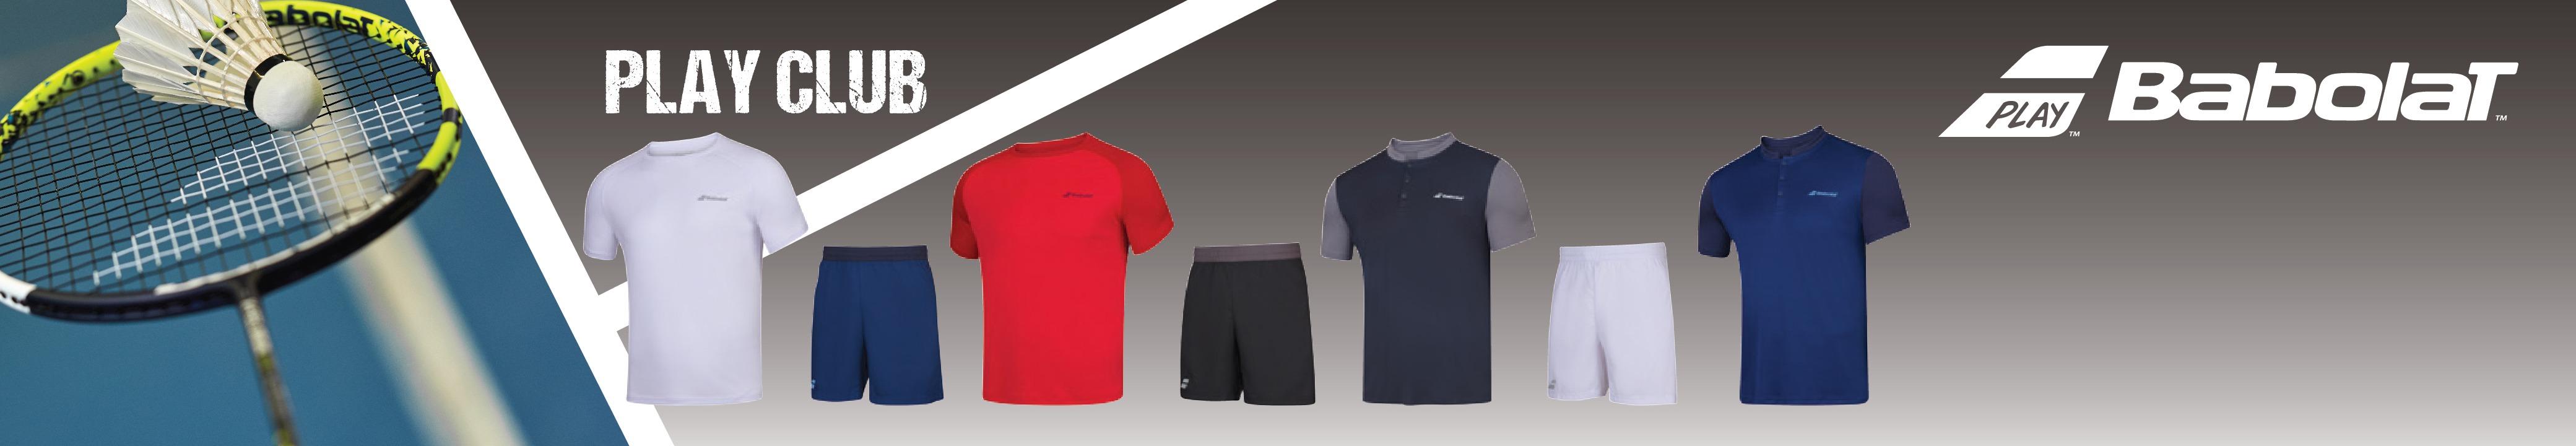 Babolat Club Clothing 2020-2022